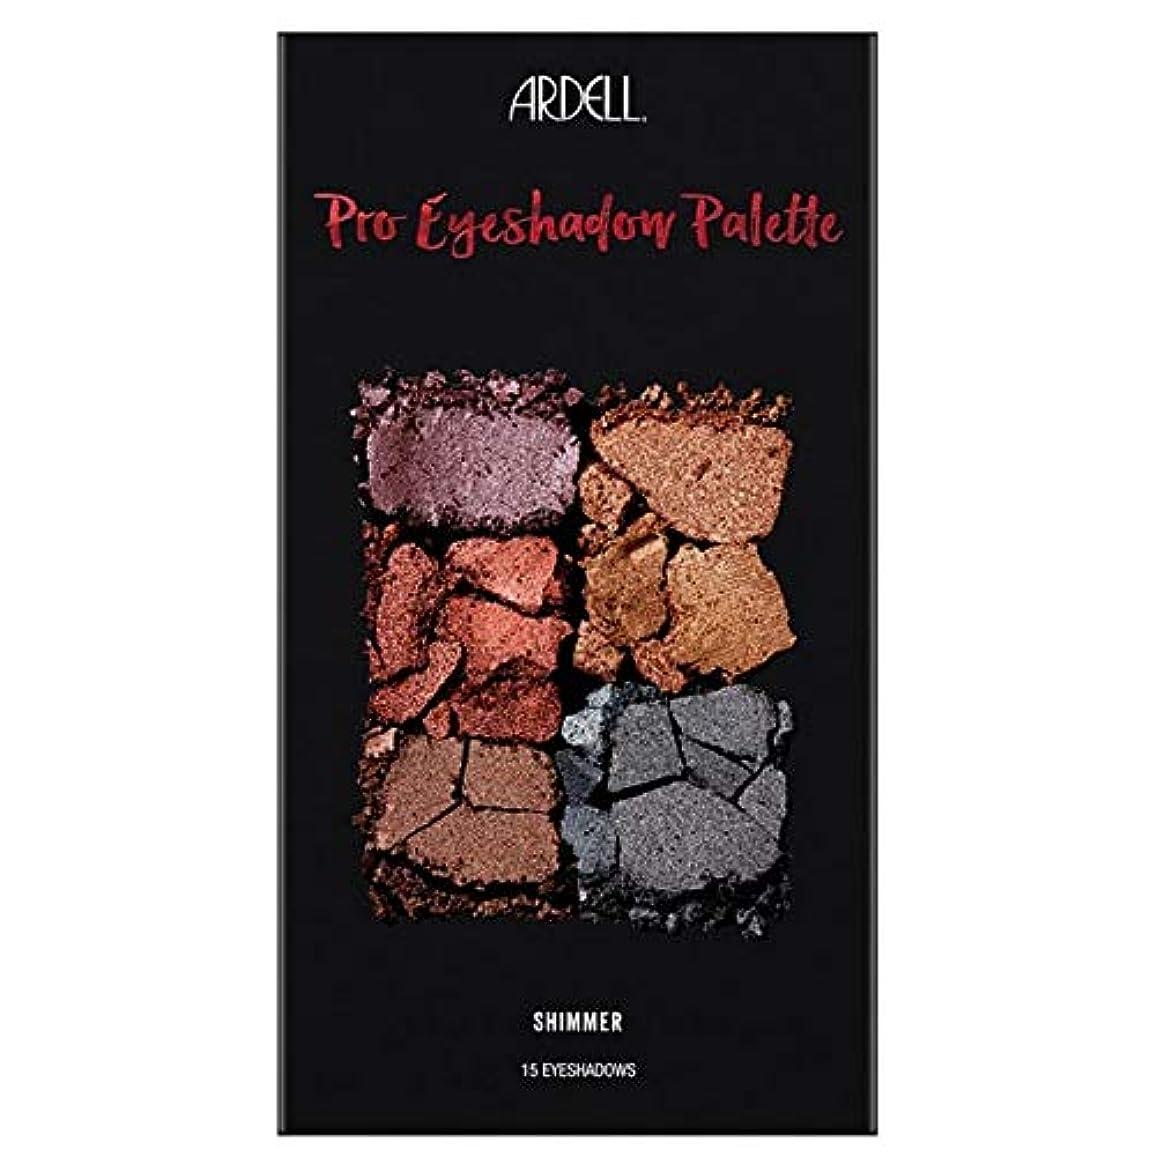 早熟首謀者更新する[Ardell] Ardell美のプロアイシャドウパレットきらめき - Ardell Beauty Pro Eyeshadow Palette Shimmer [並行輸入品]